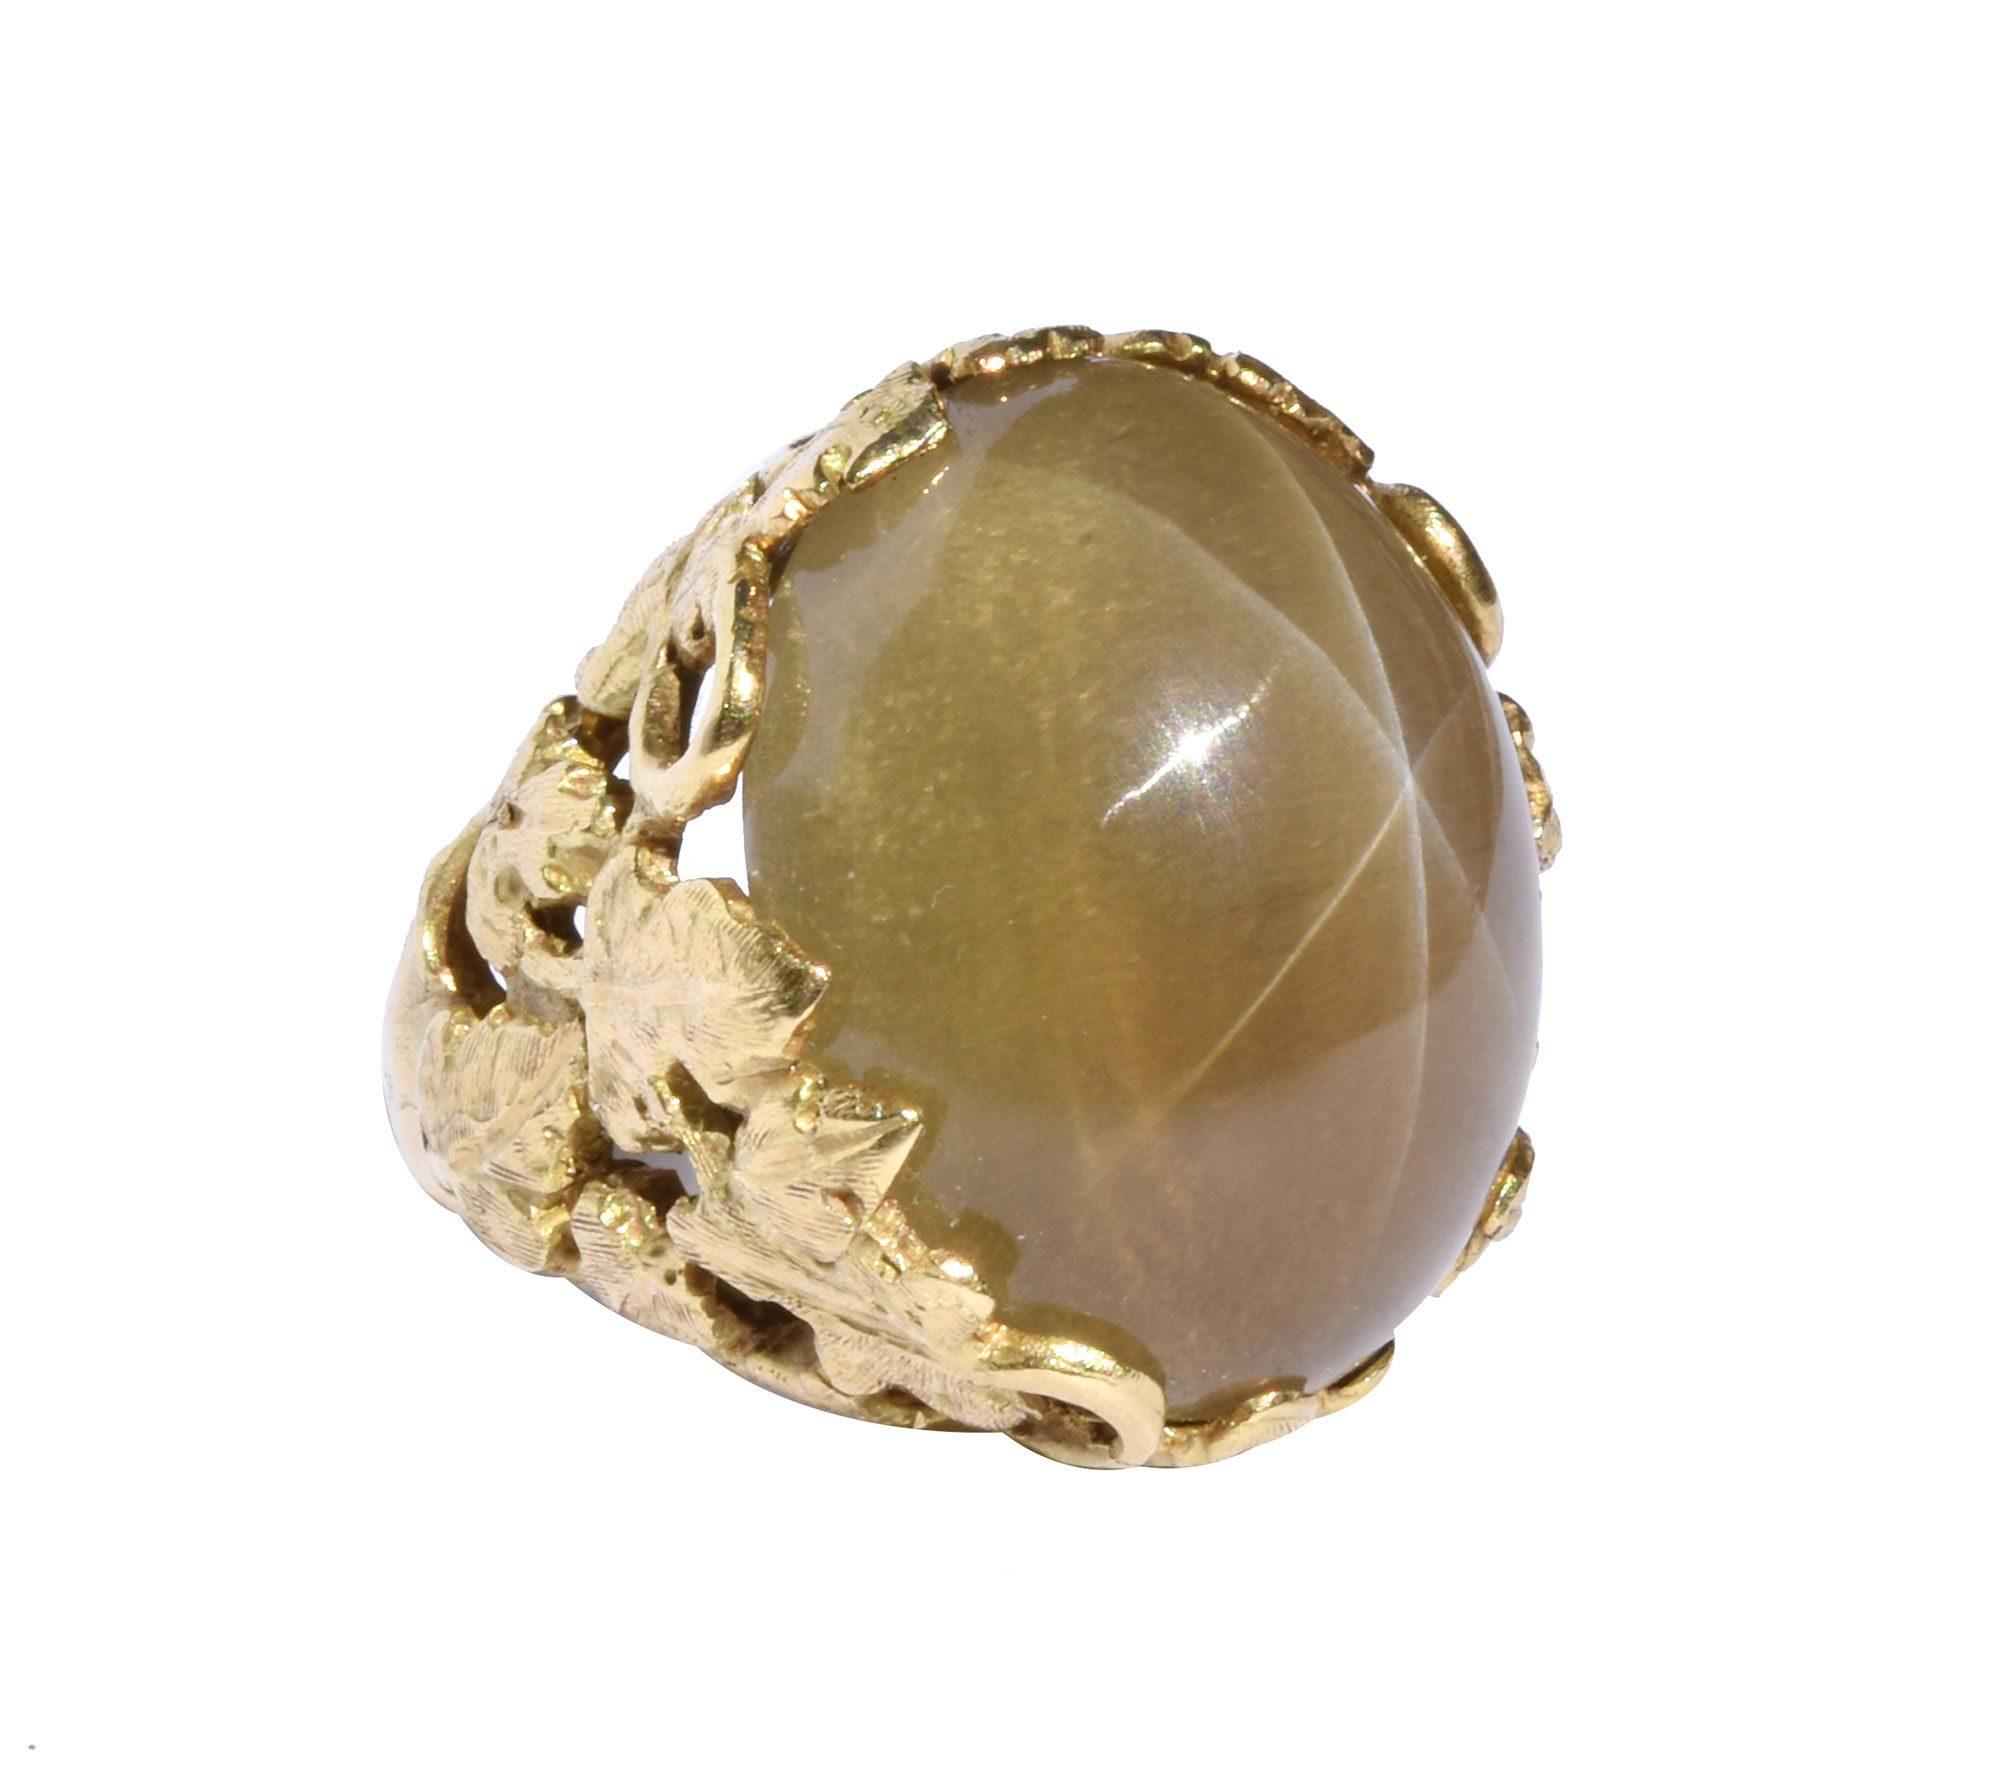 Mặt nhẫn được làm từ thạch anh